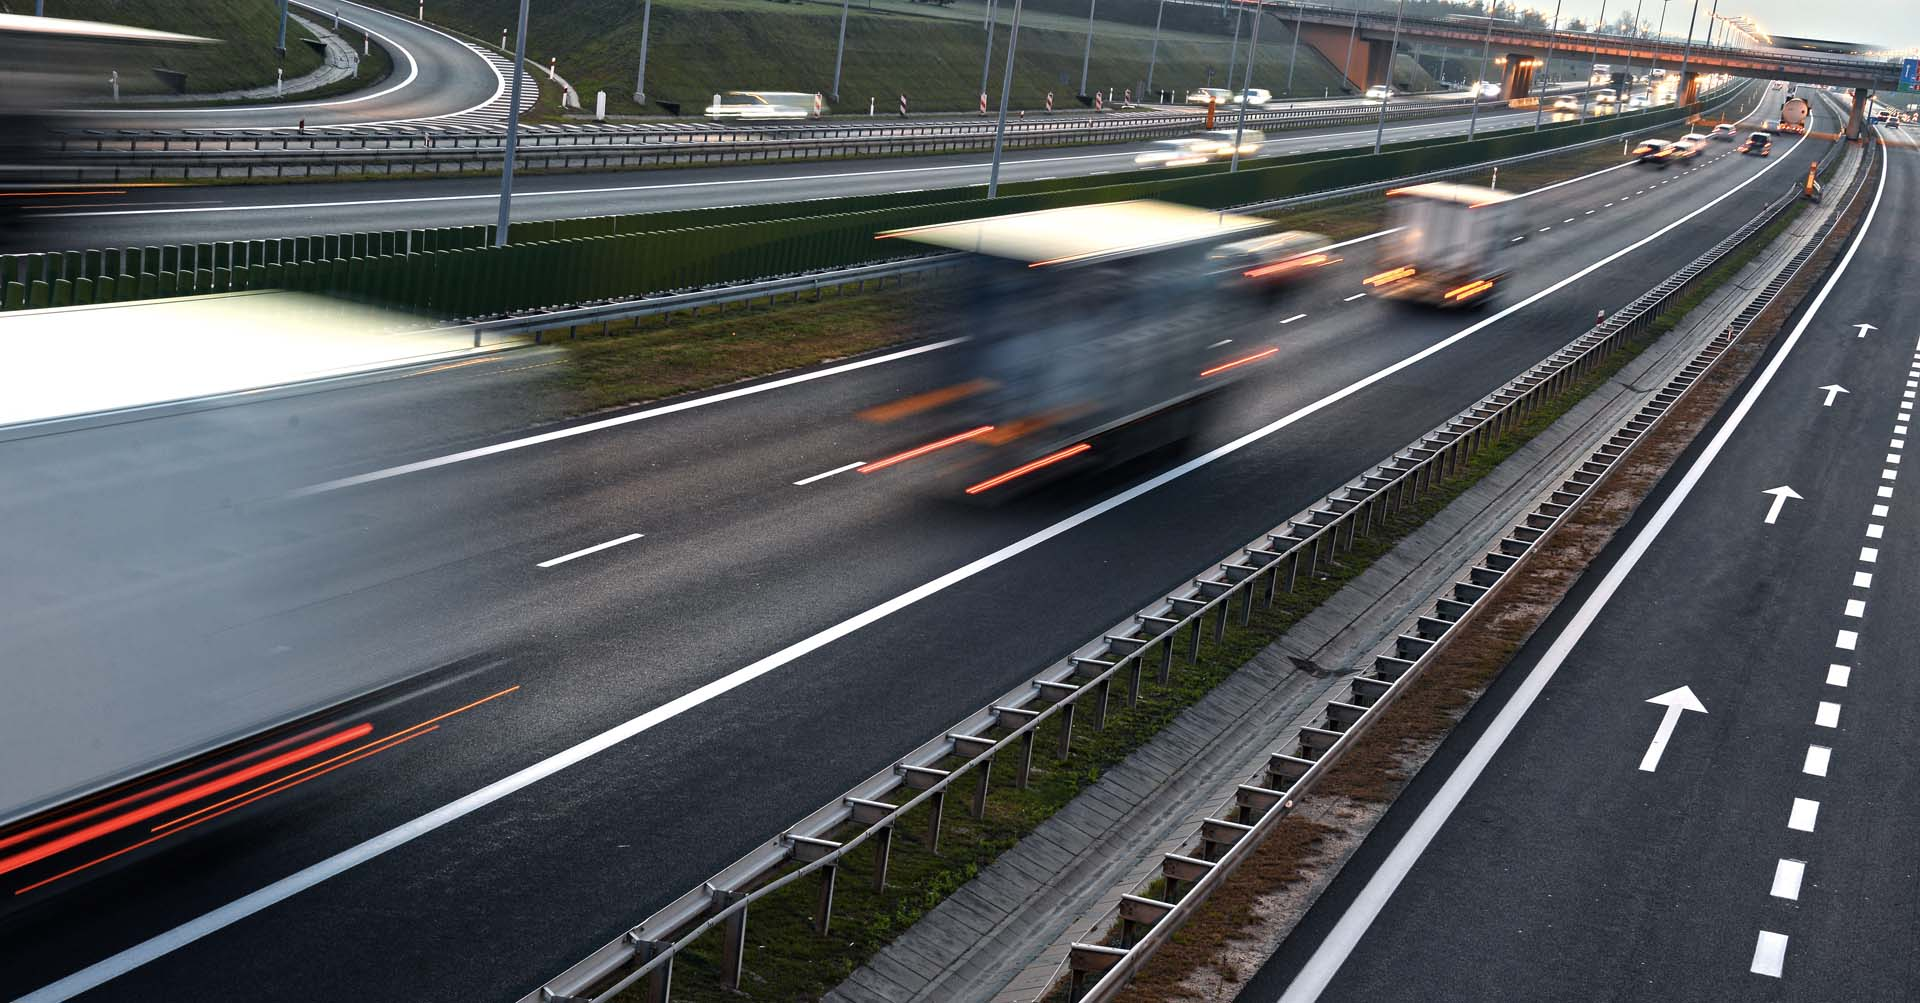 autostrada camion generici